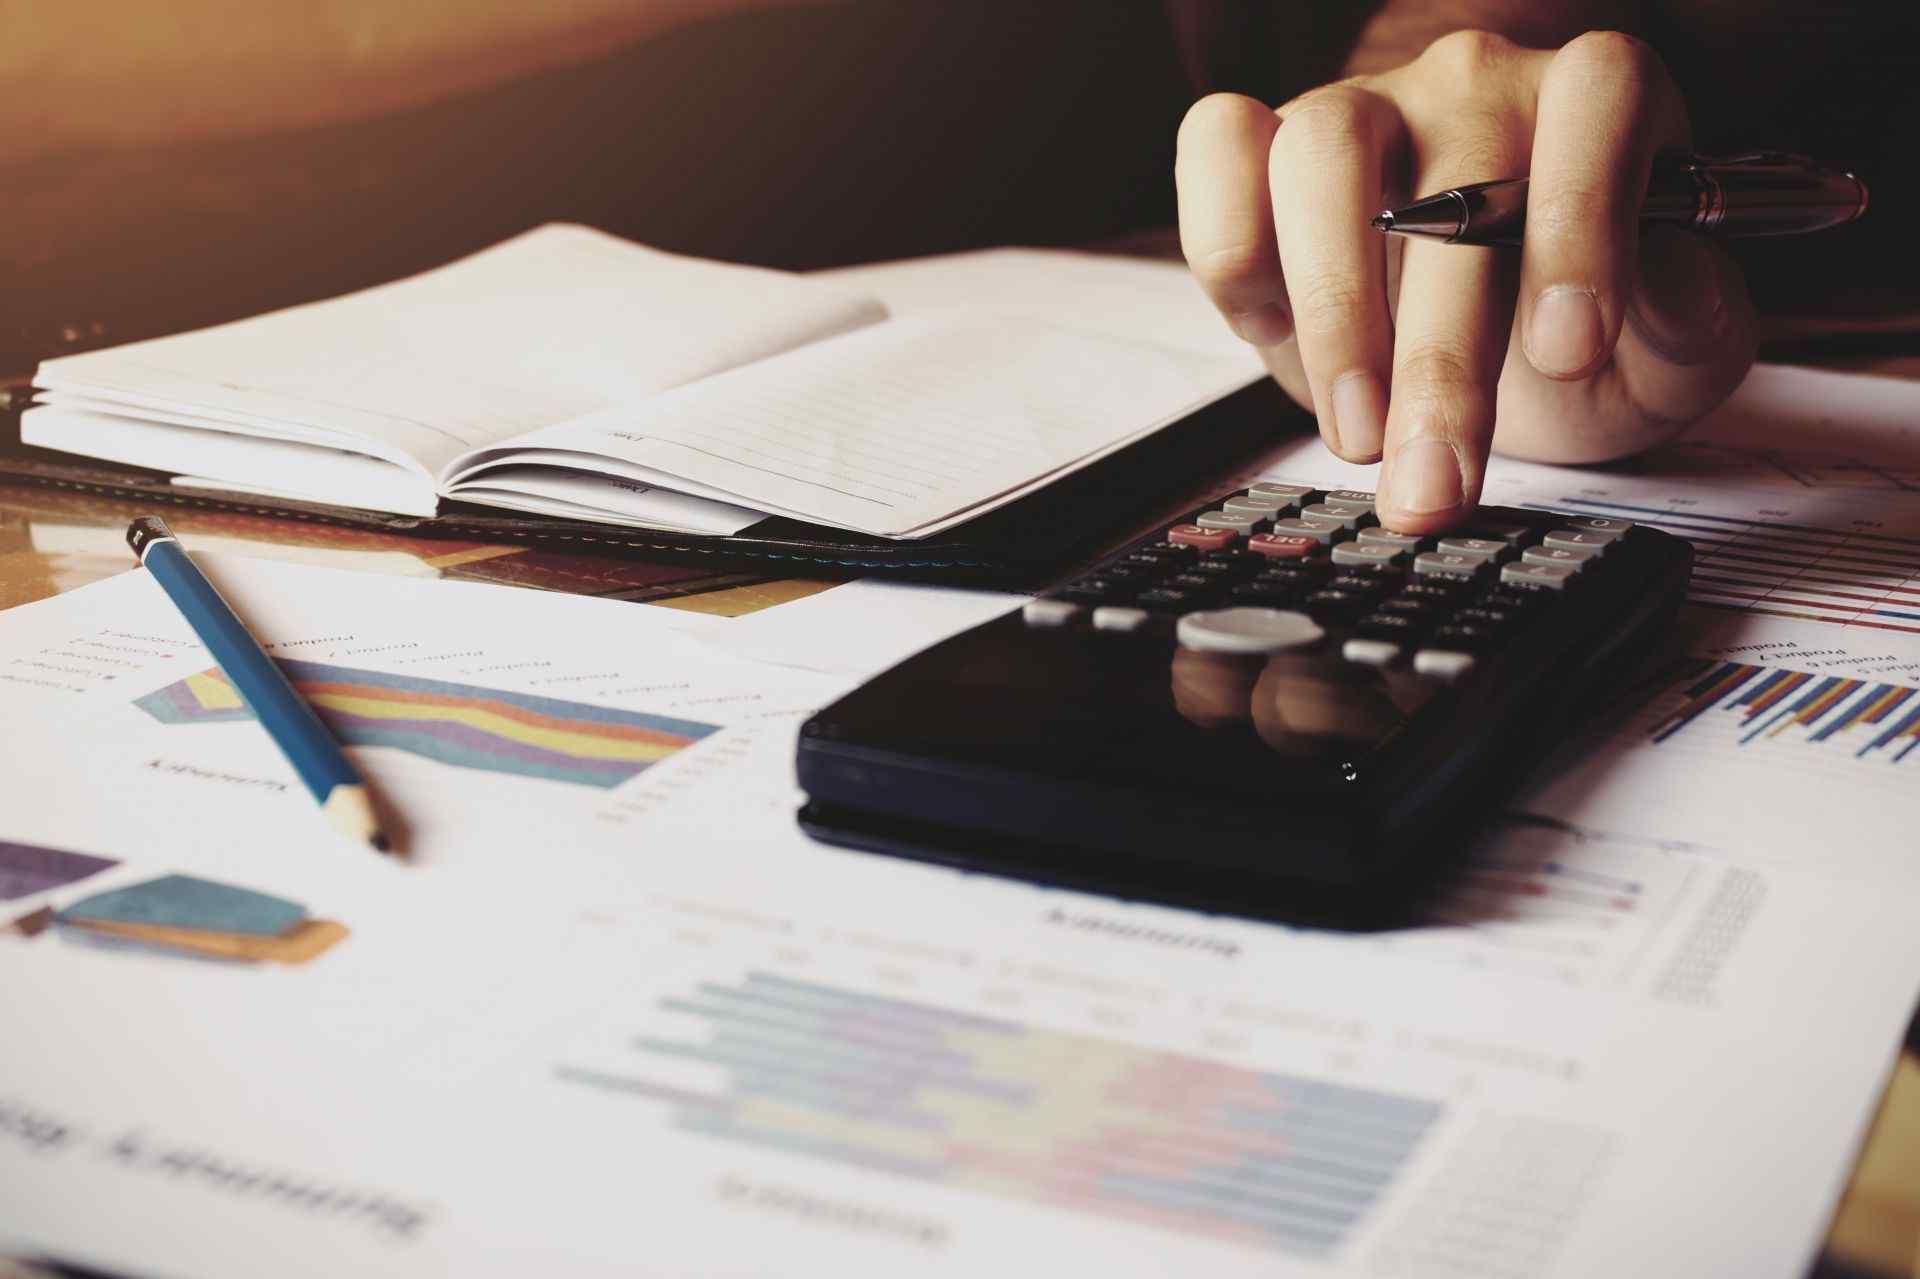 Steuerklassen: Steuerklassenwahl 2020 nur noch bis zum 30. November möglich